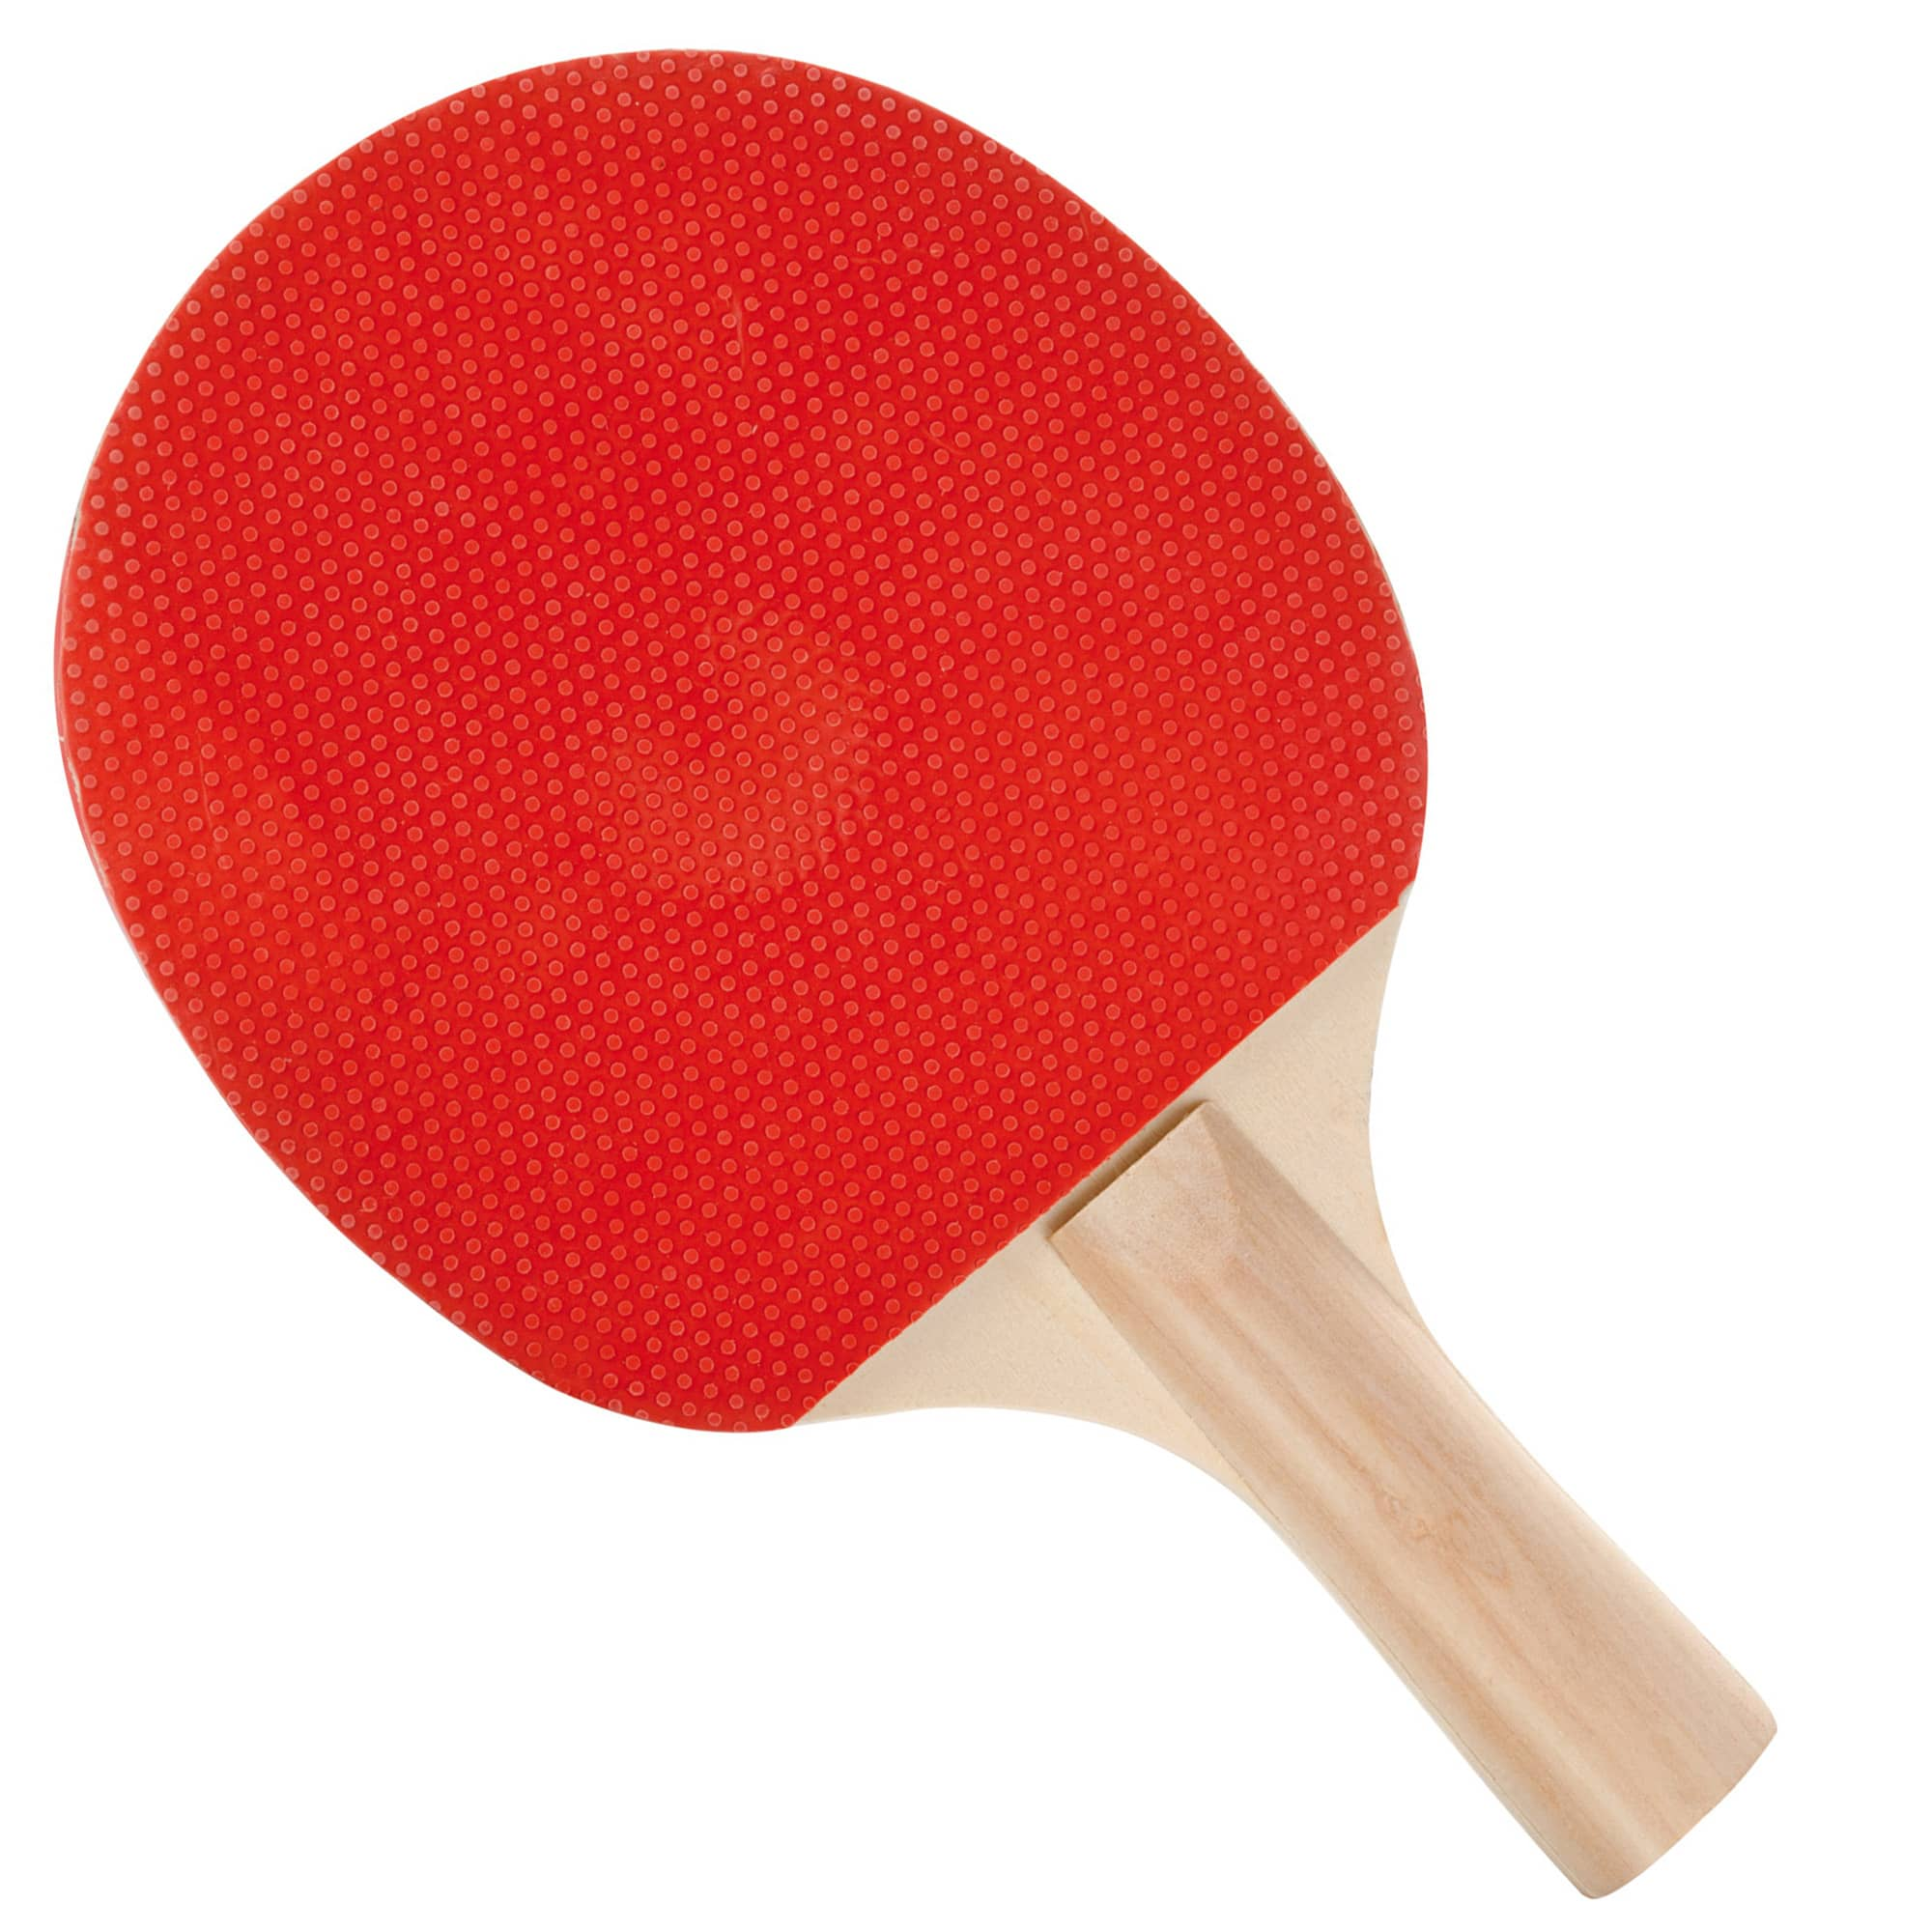 Ping Pong Compatto Da Tavolo Giochi Di Societa Family Games Giochi Per Bambini E Ragazzi Cittadelsole It